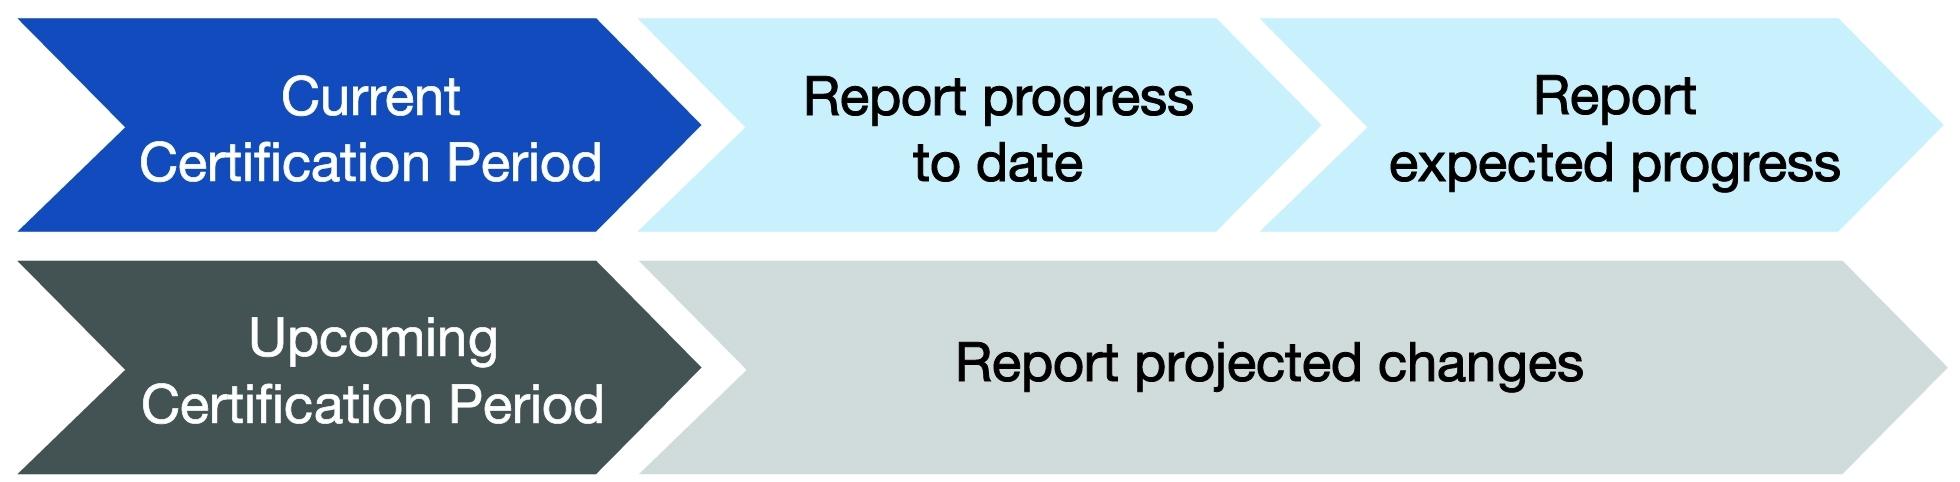 Annual Certification Progress Report & Resources | Bureau